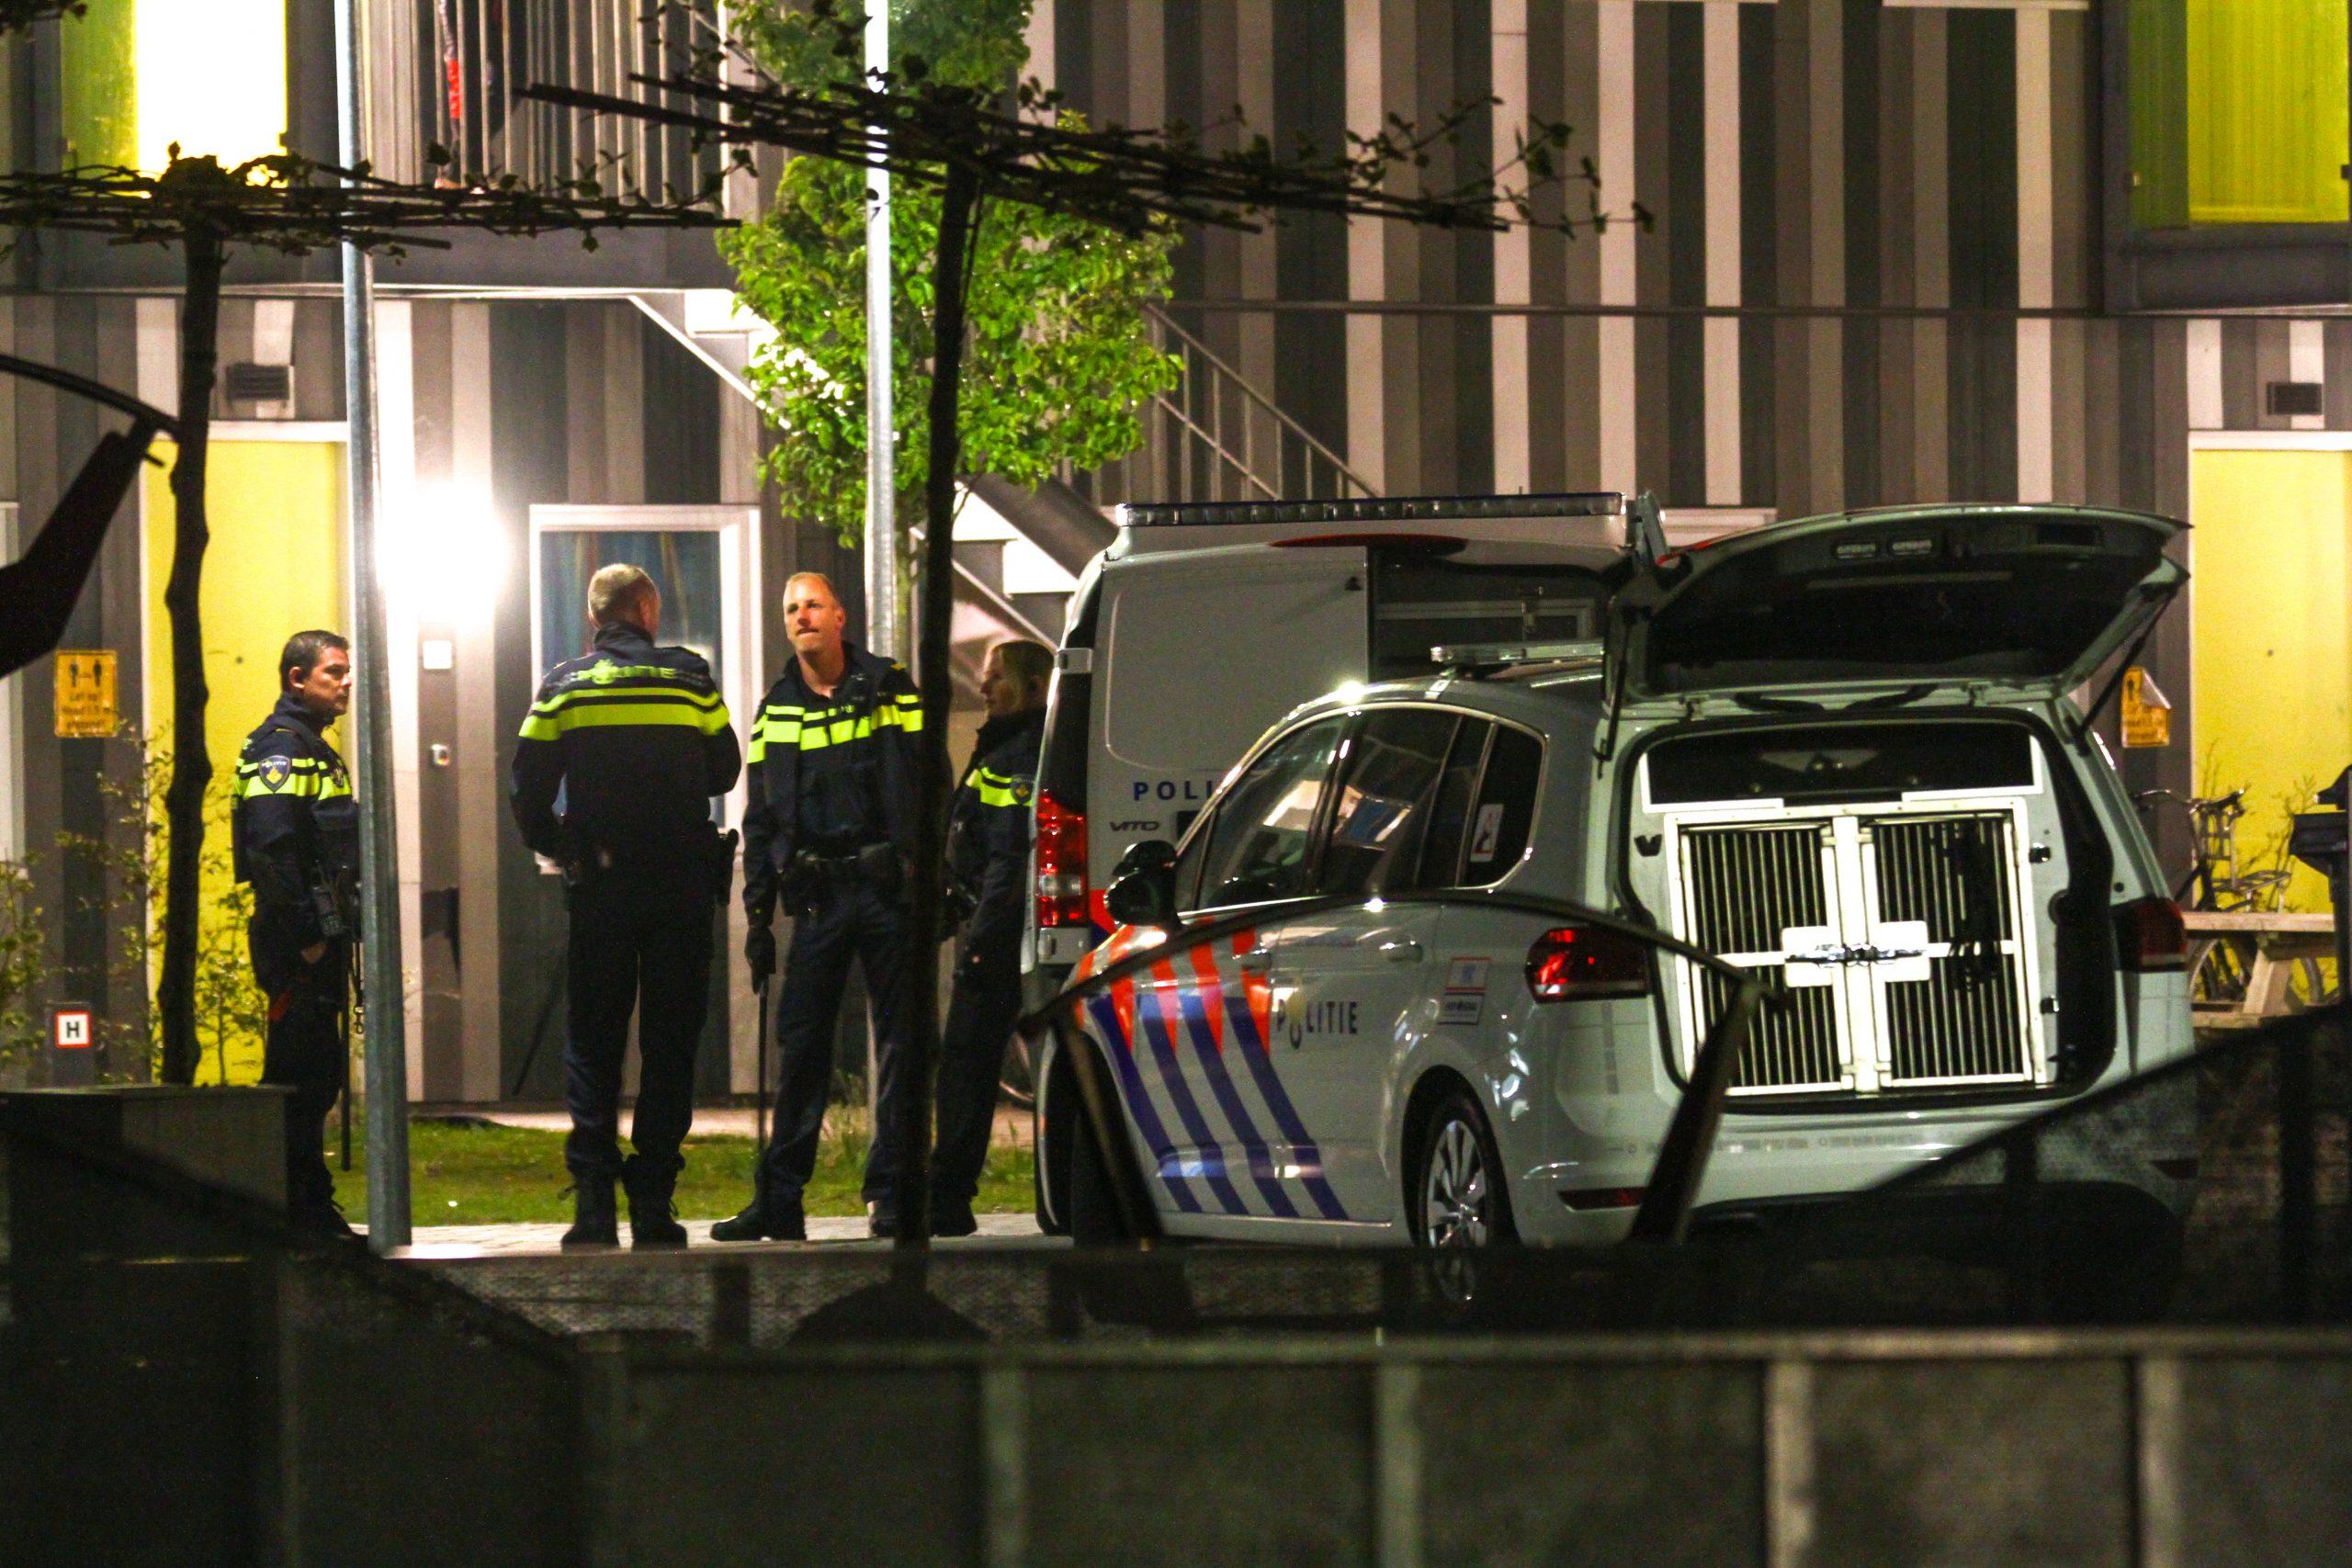 Grote politieinzet na geweldsincident op het AZC in Drachten